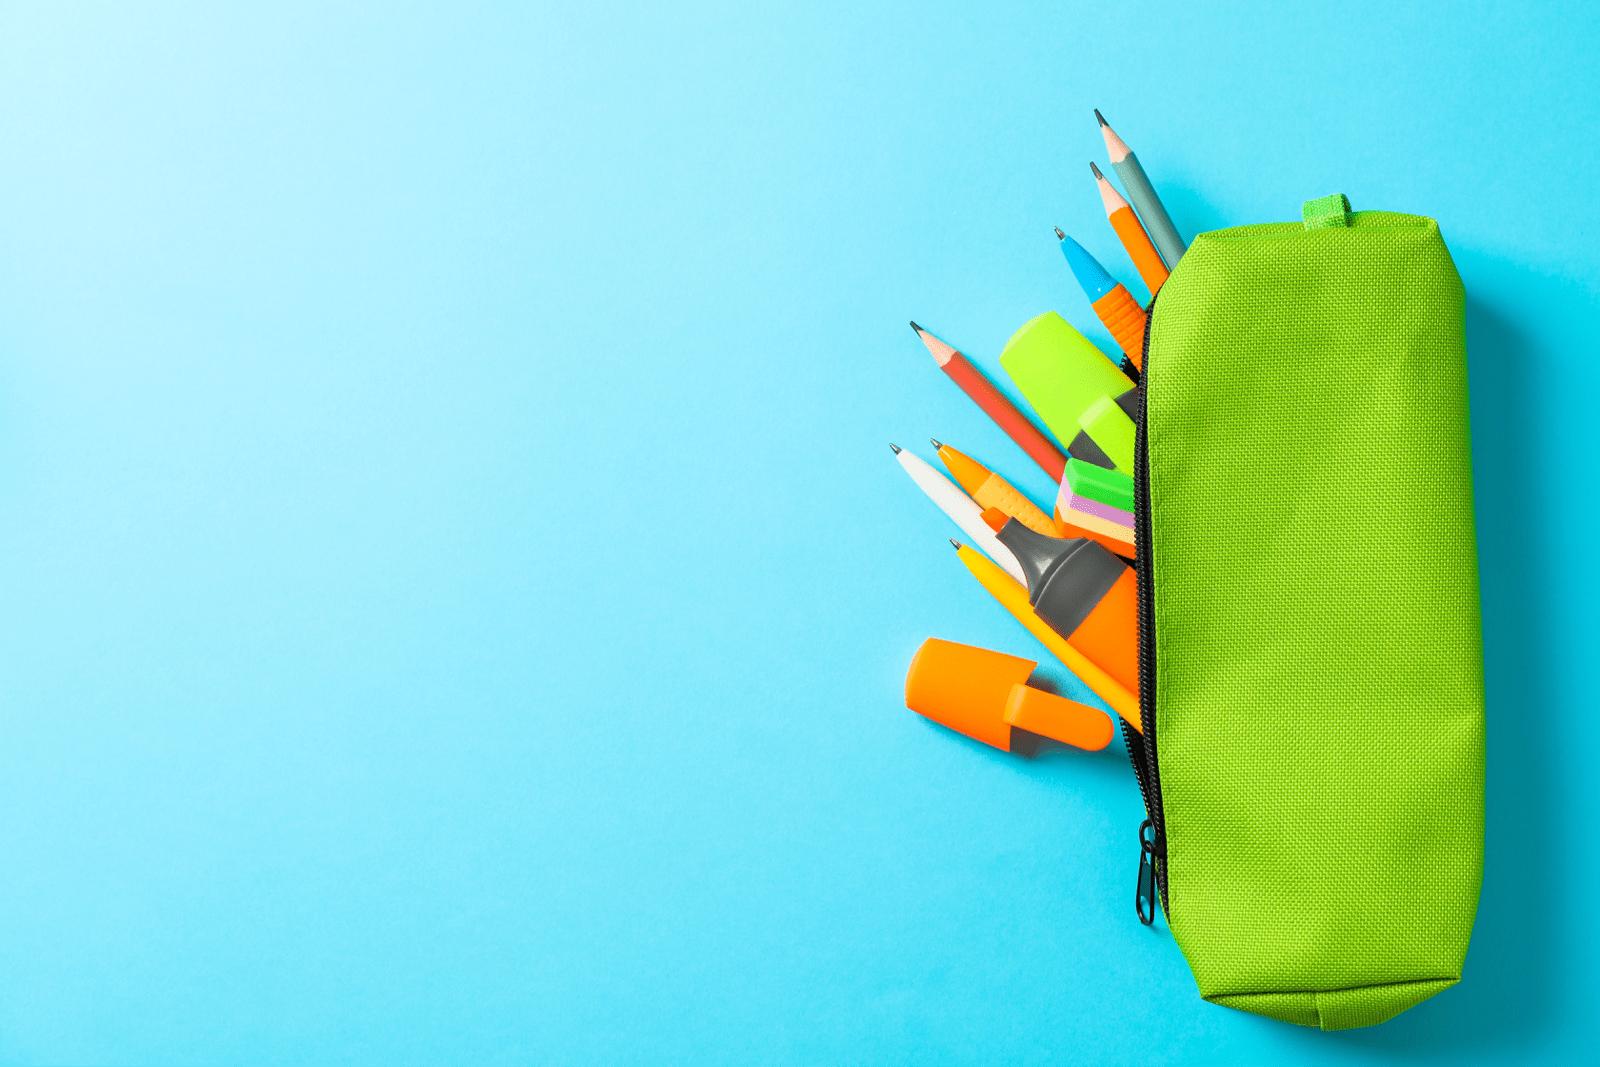 ペンケースから鉛筆などが飛び出している様子